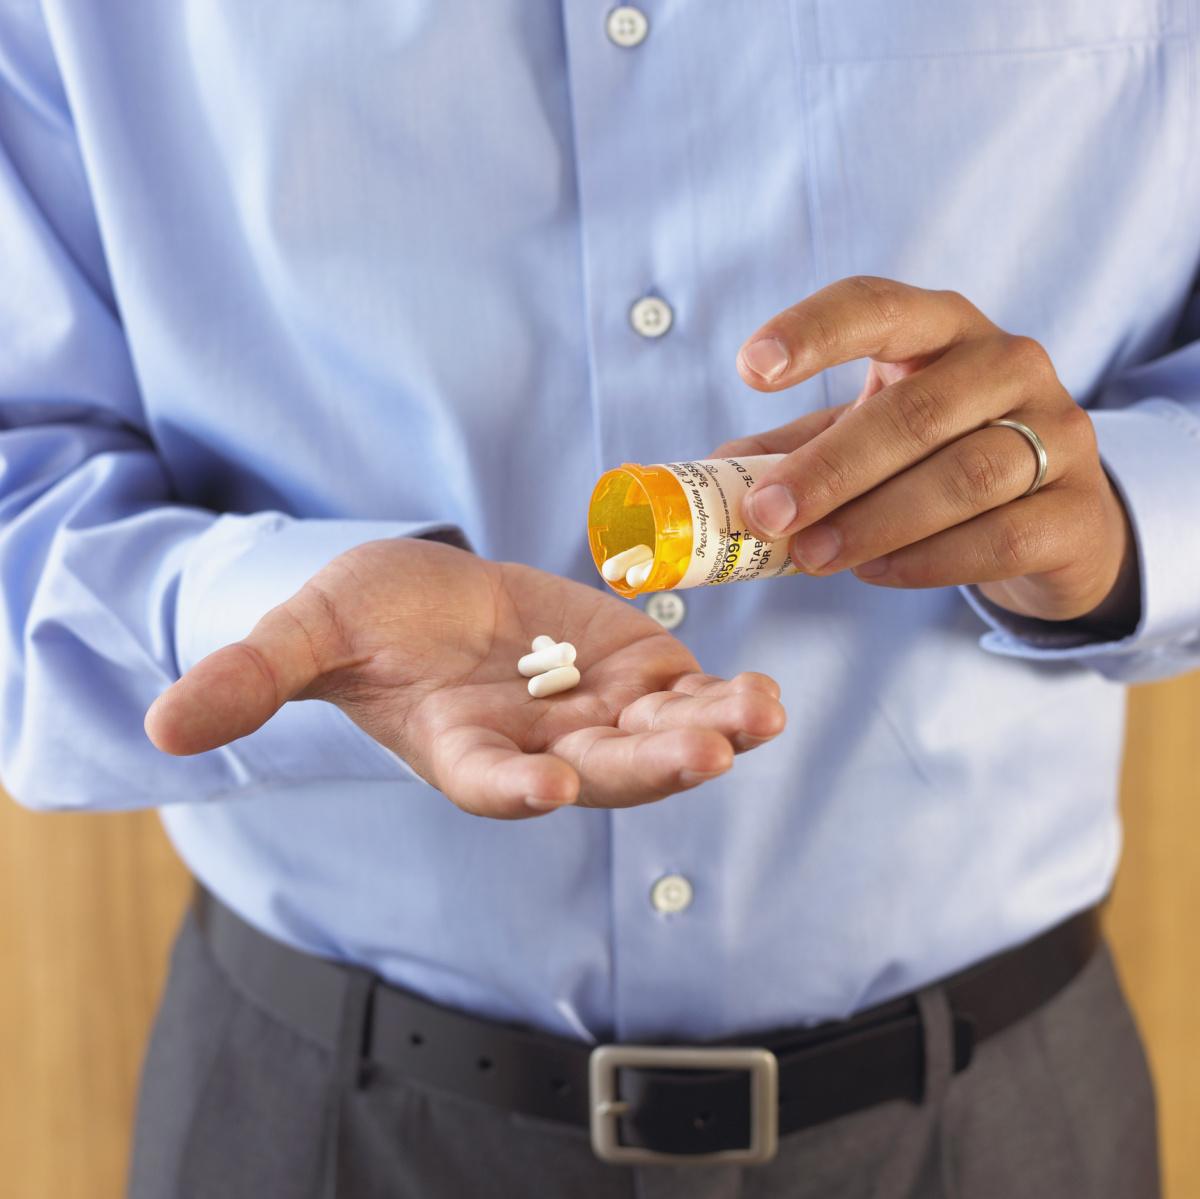 Пациентам назначаются препараты для печени